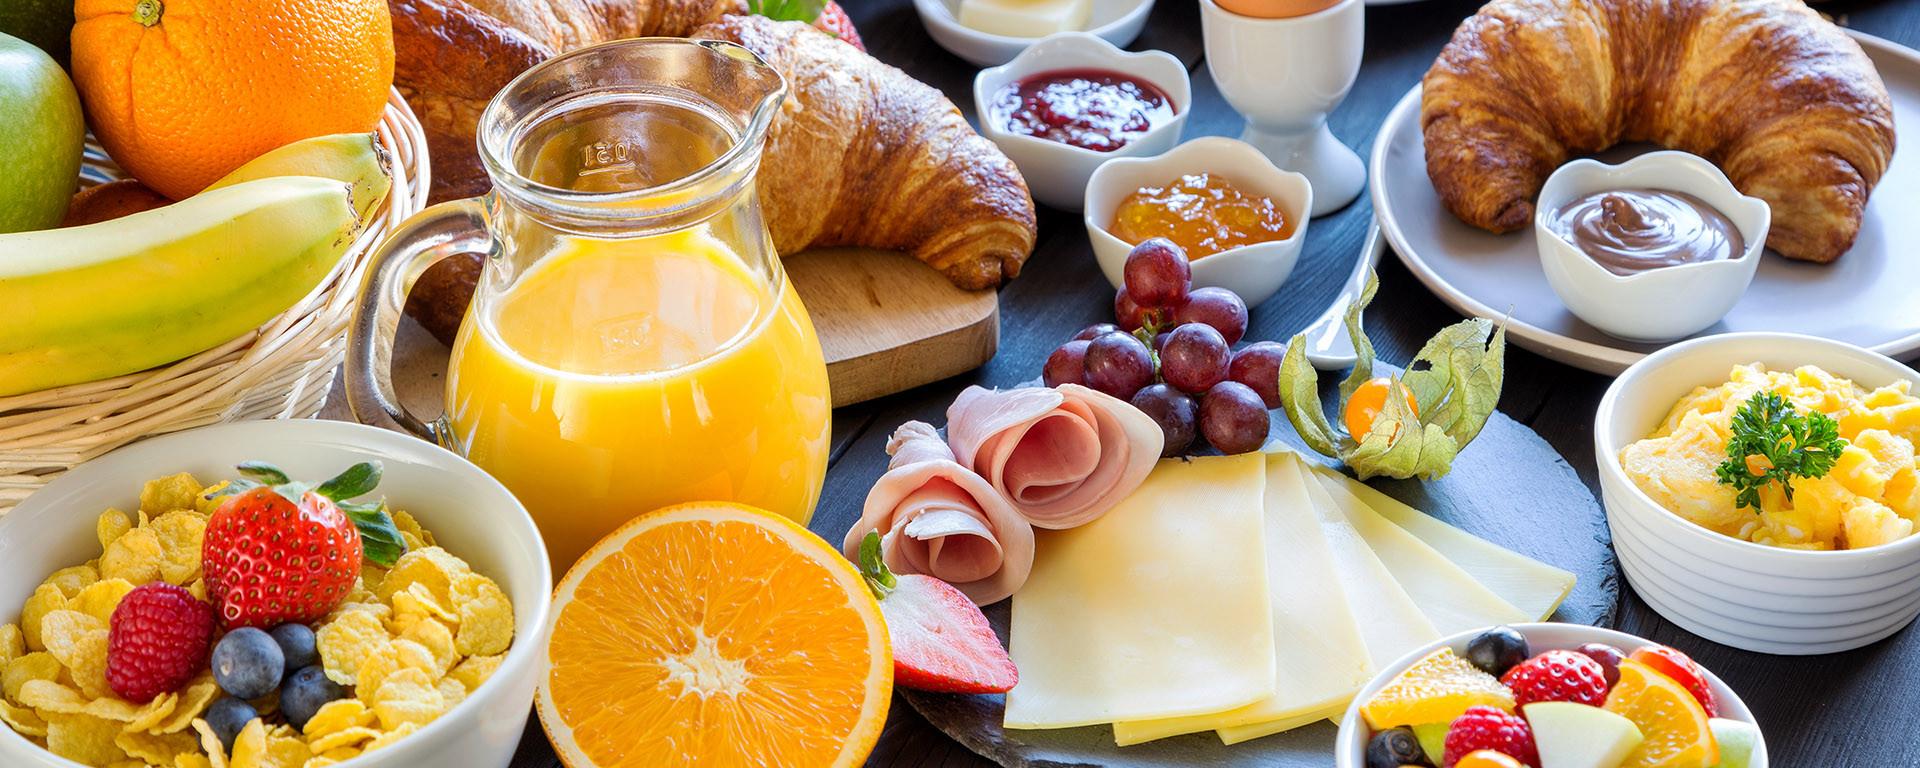 HEGAU-TOWER HOTEL : Starten Sie mit unserem Frühstücksbuffet in den Tag!